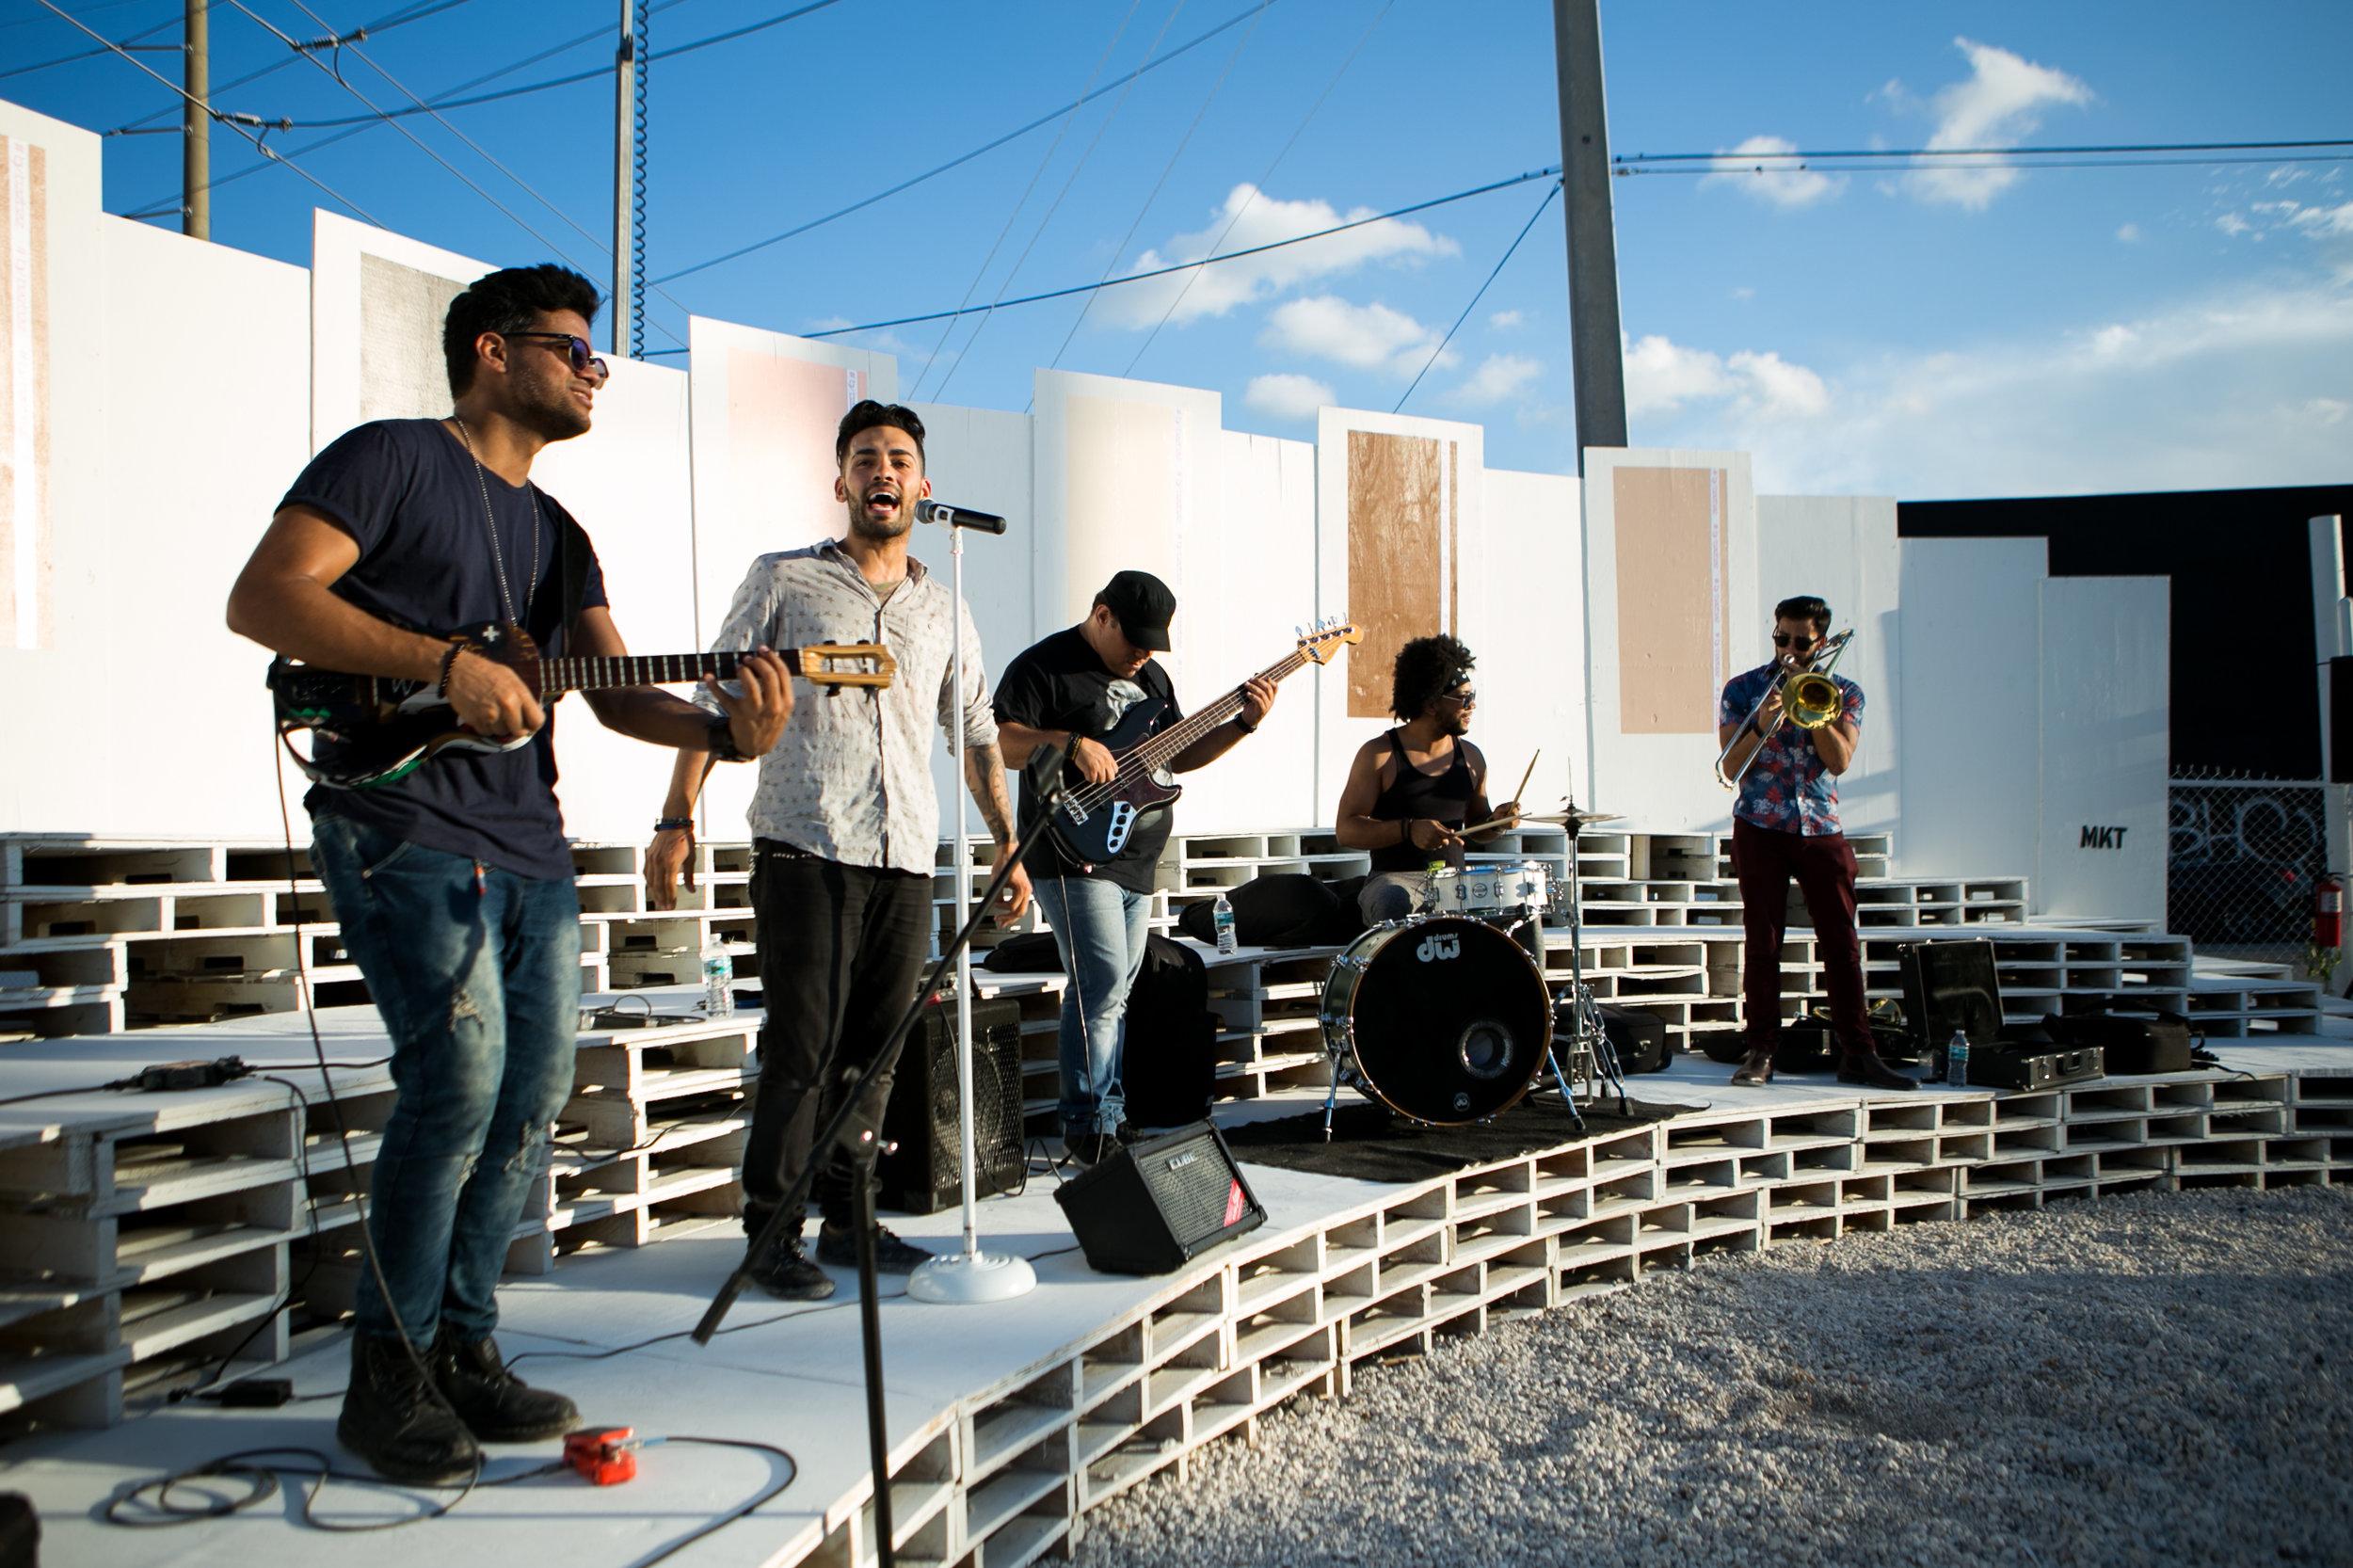 MKT by bazbaz Amphitheater music